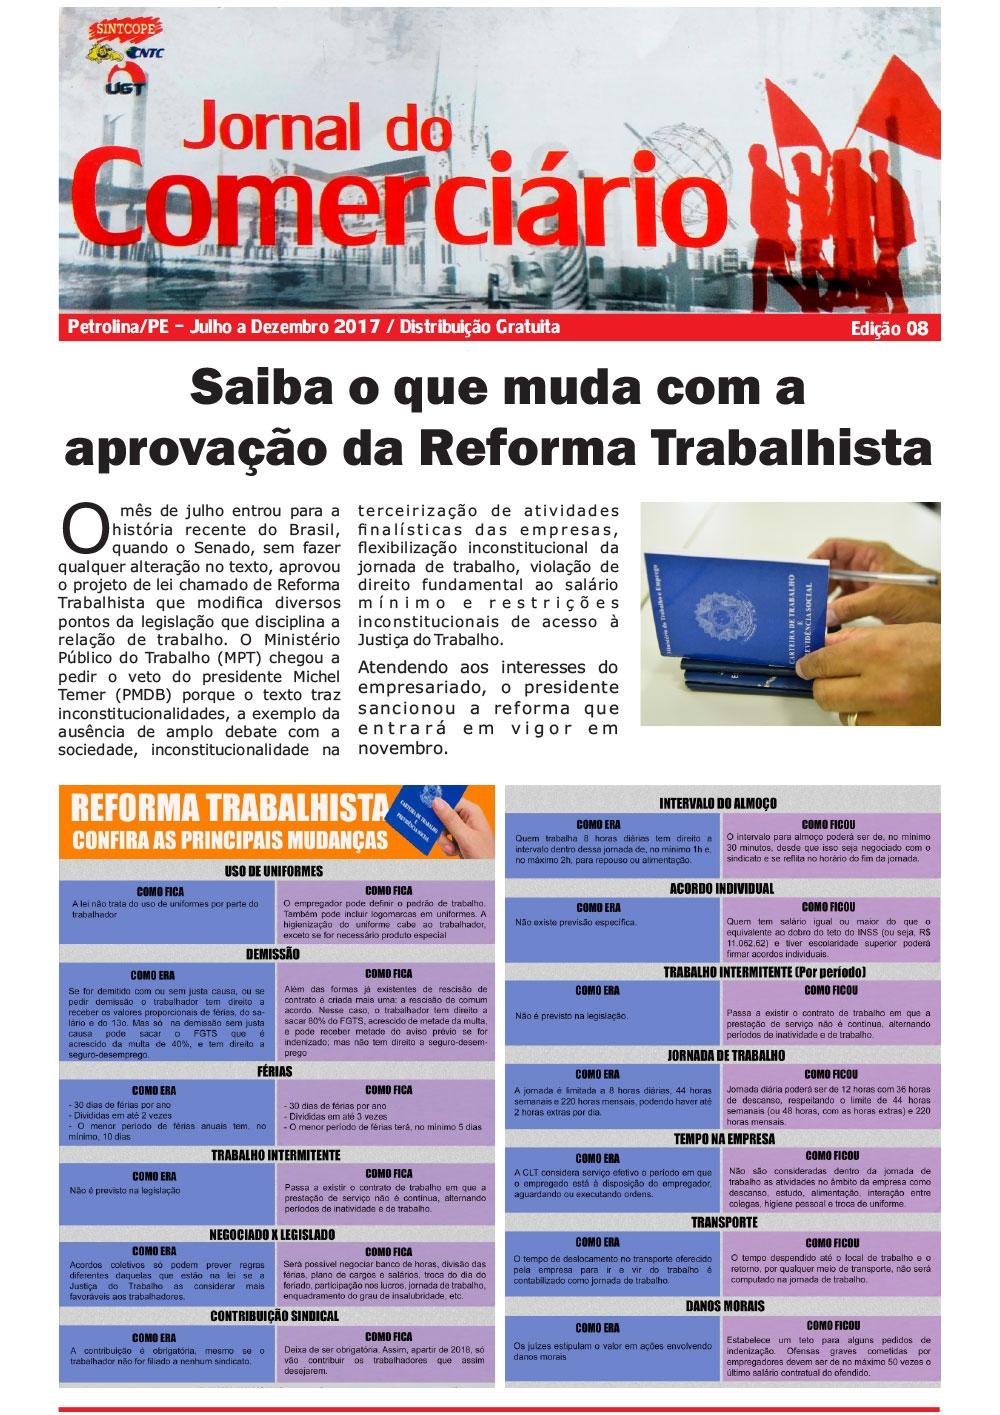 Foto do jornal Sintcope Jornal do Comerciário - Edição no. 08